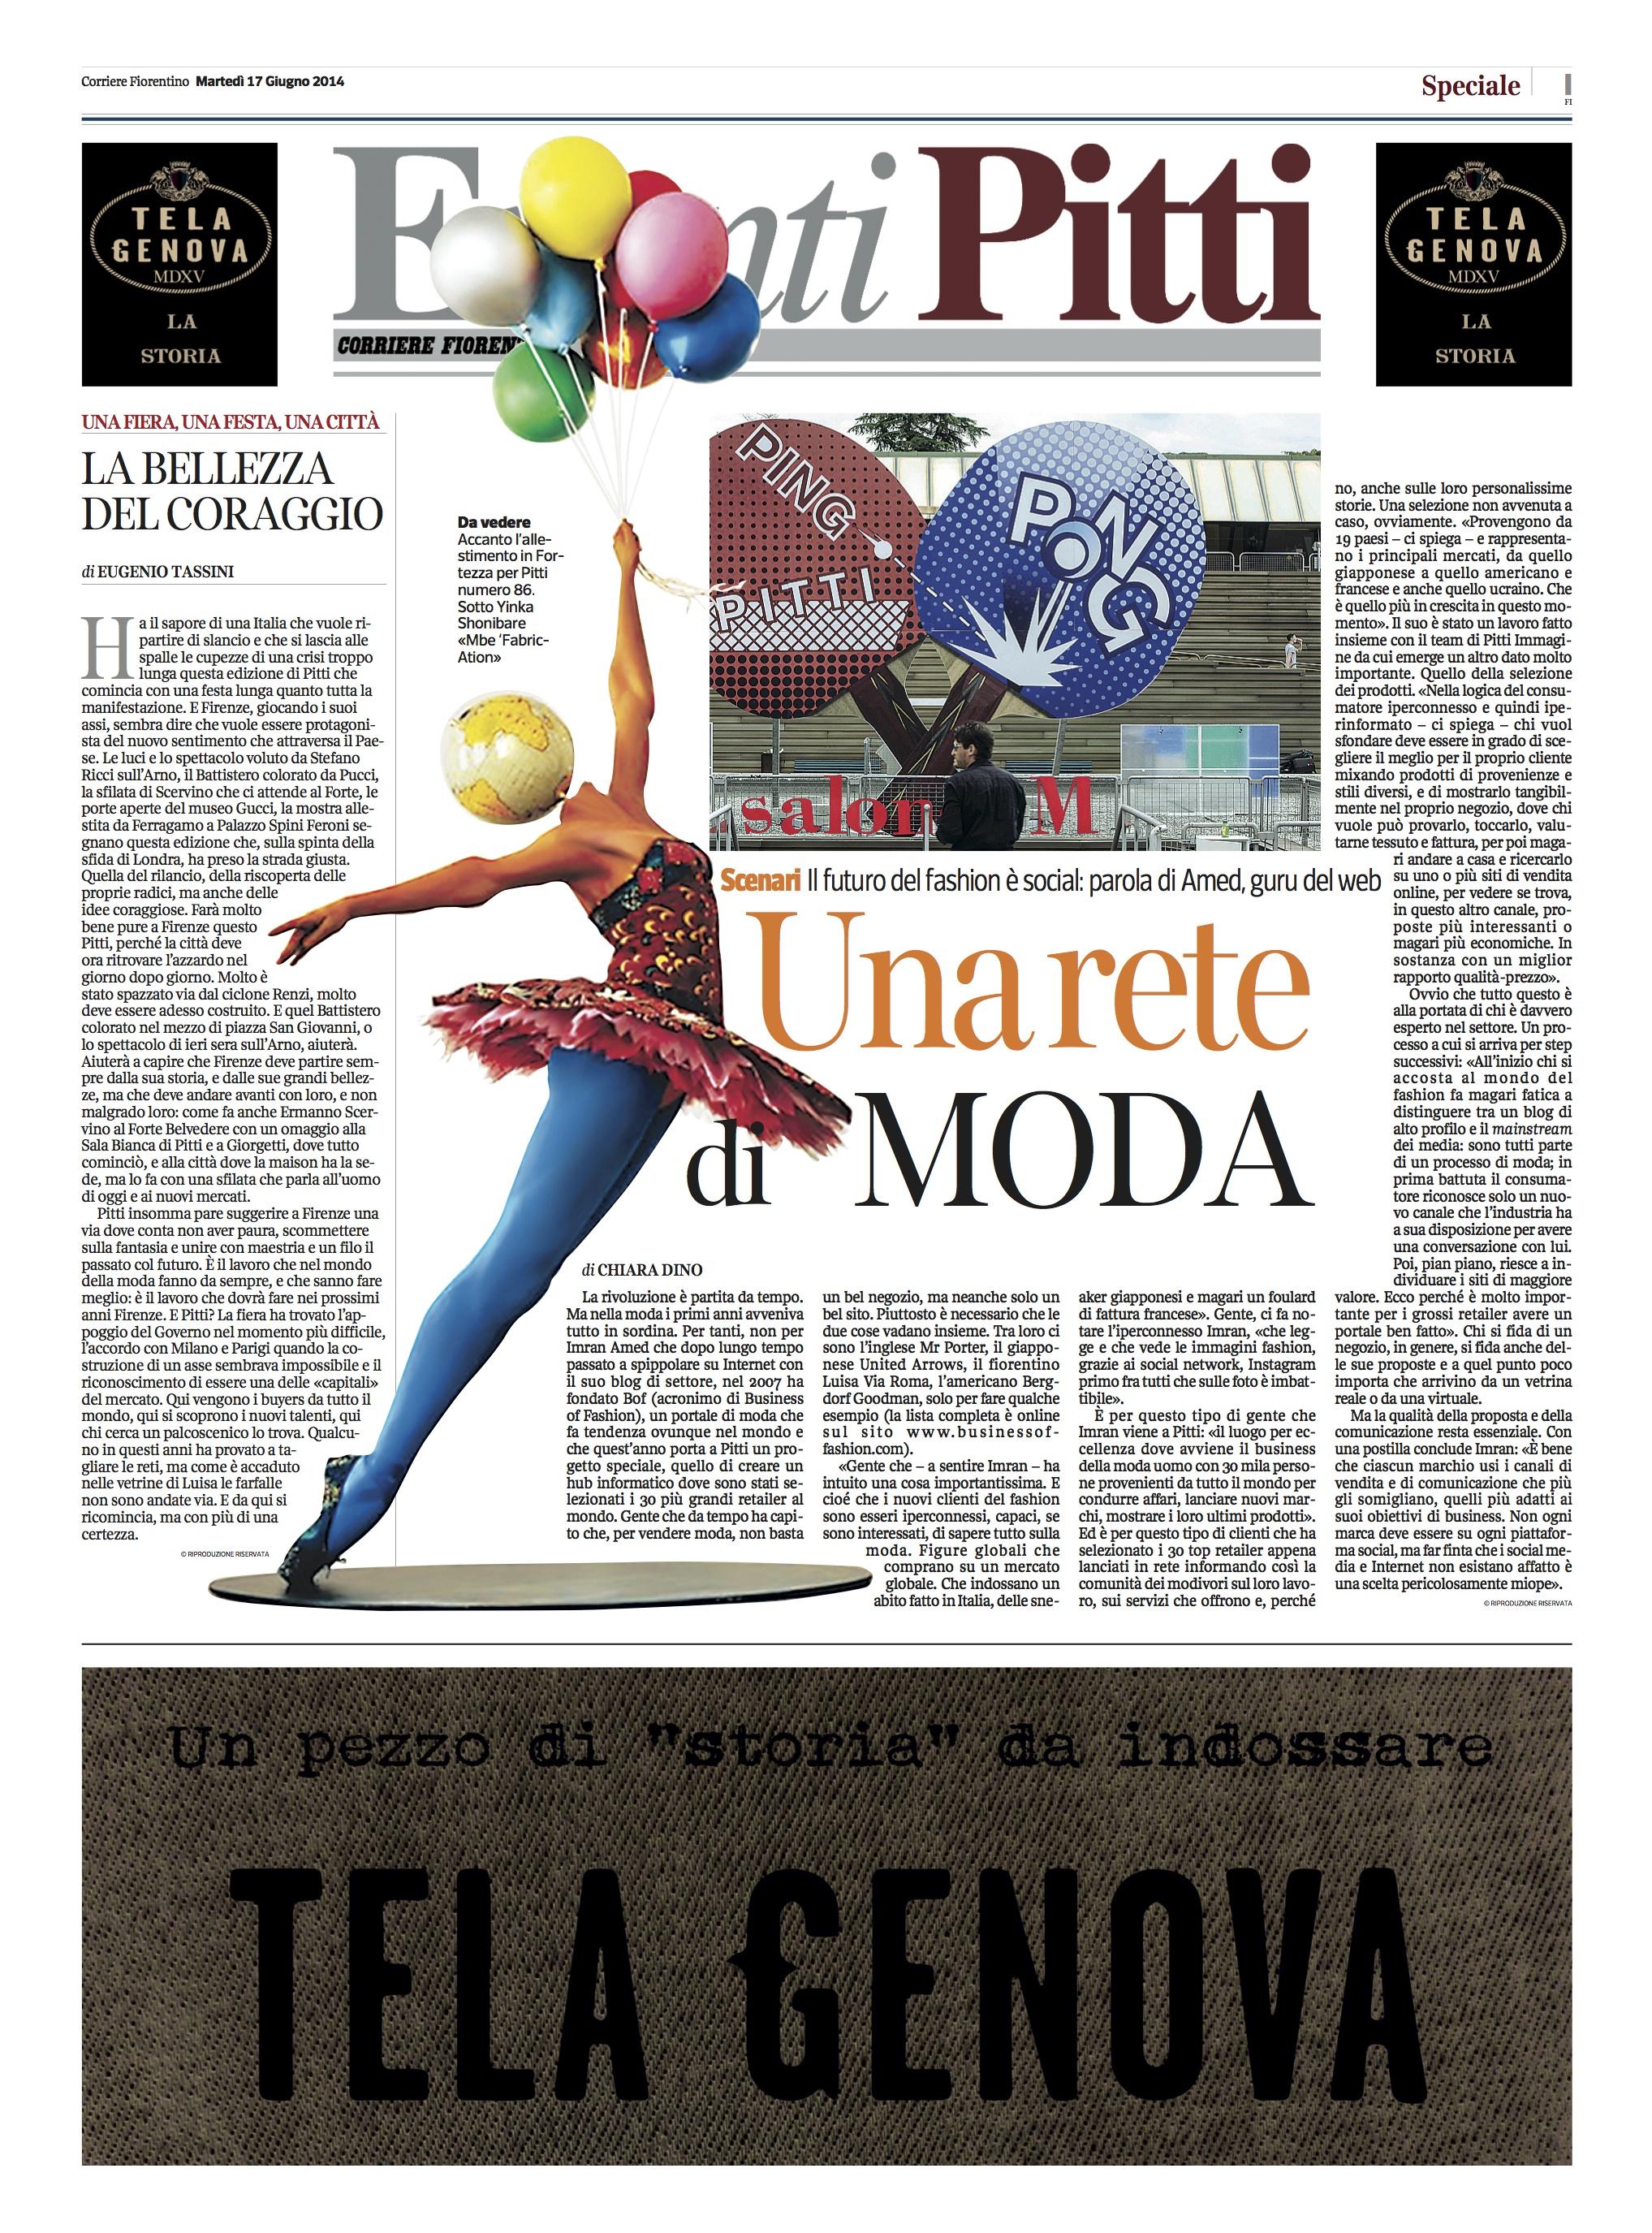 Corriere Della Sera (Italy) | June 2014